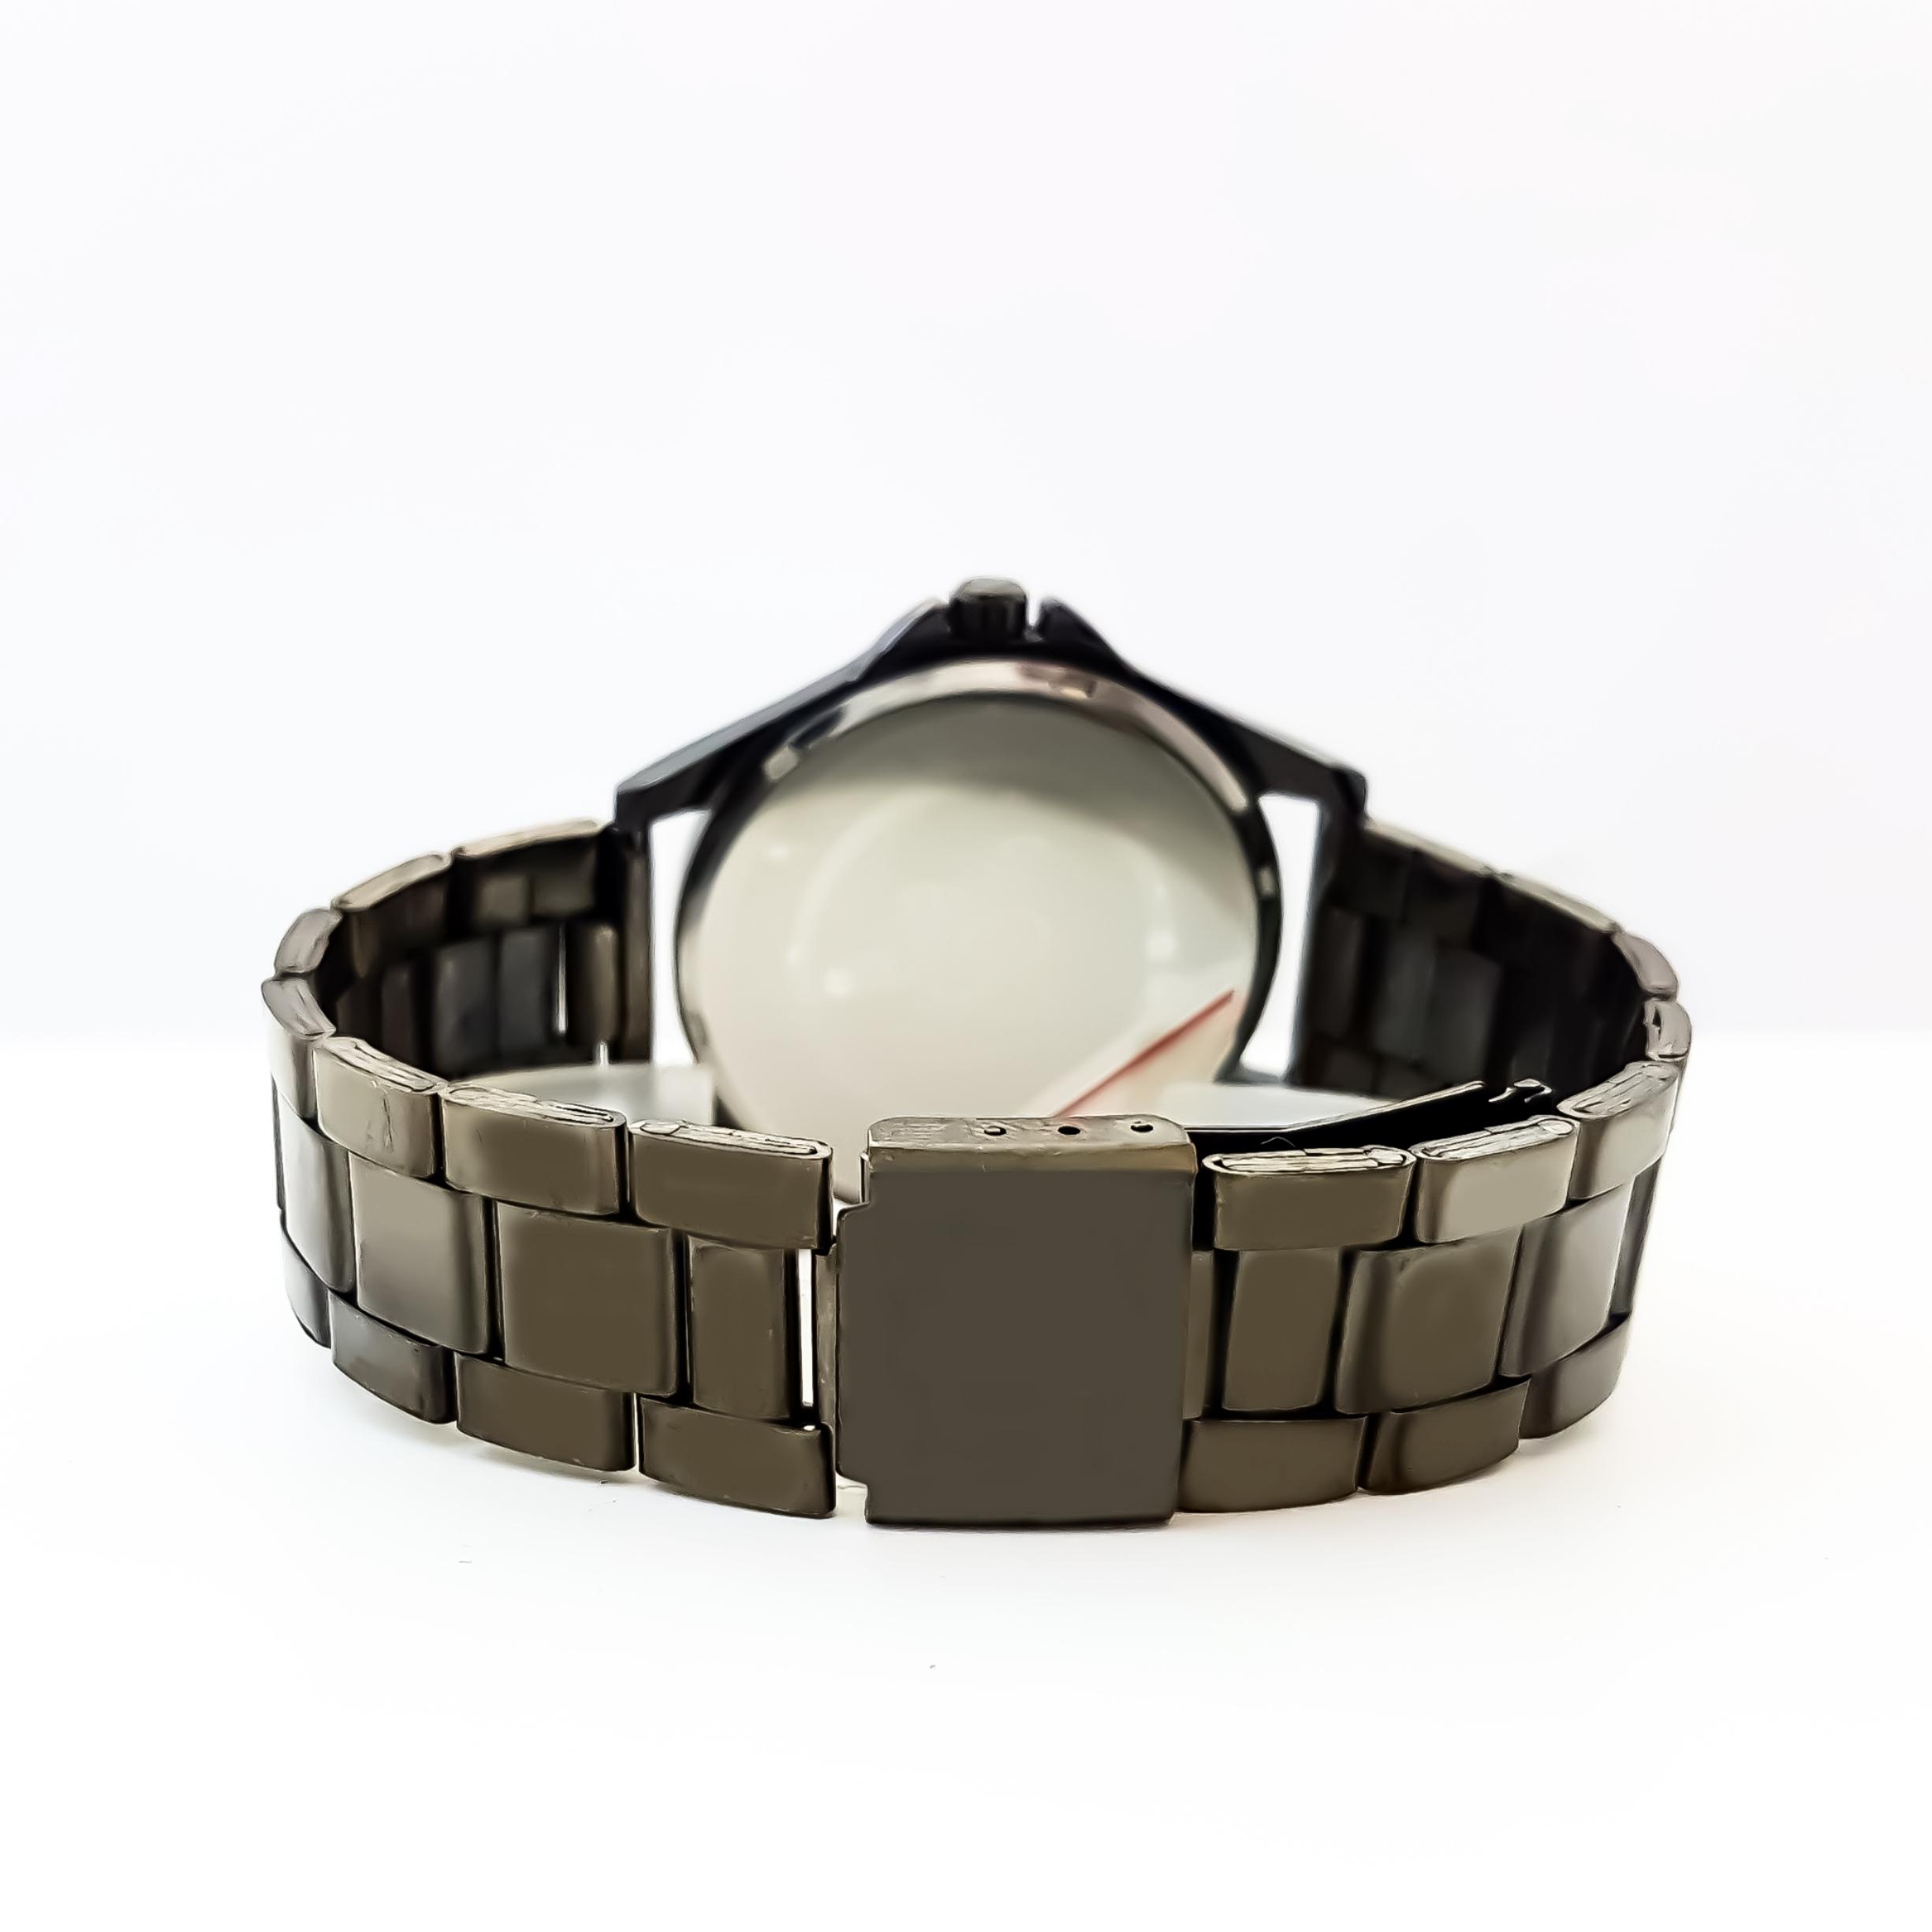 ساعت مچی عقربهای مردانه باریهو مدل VS4389